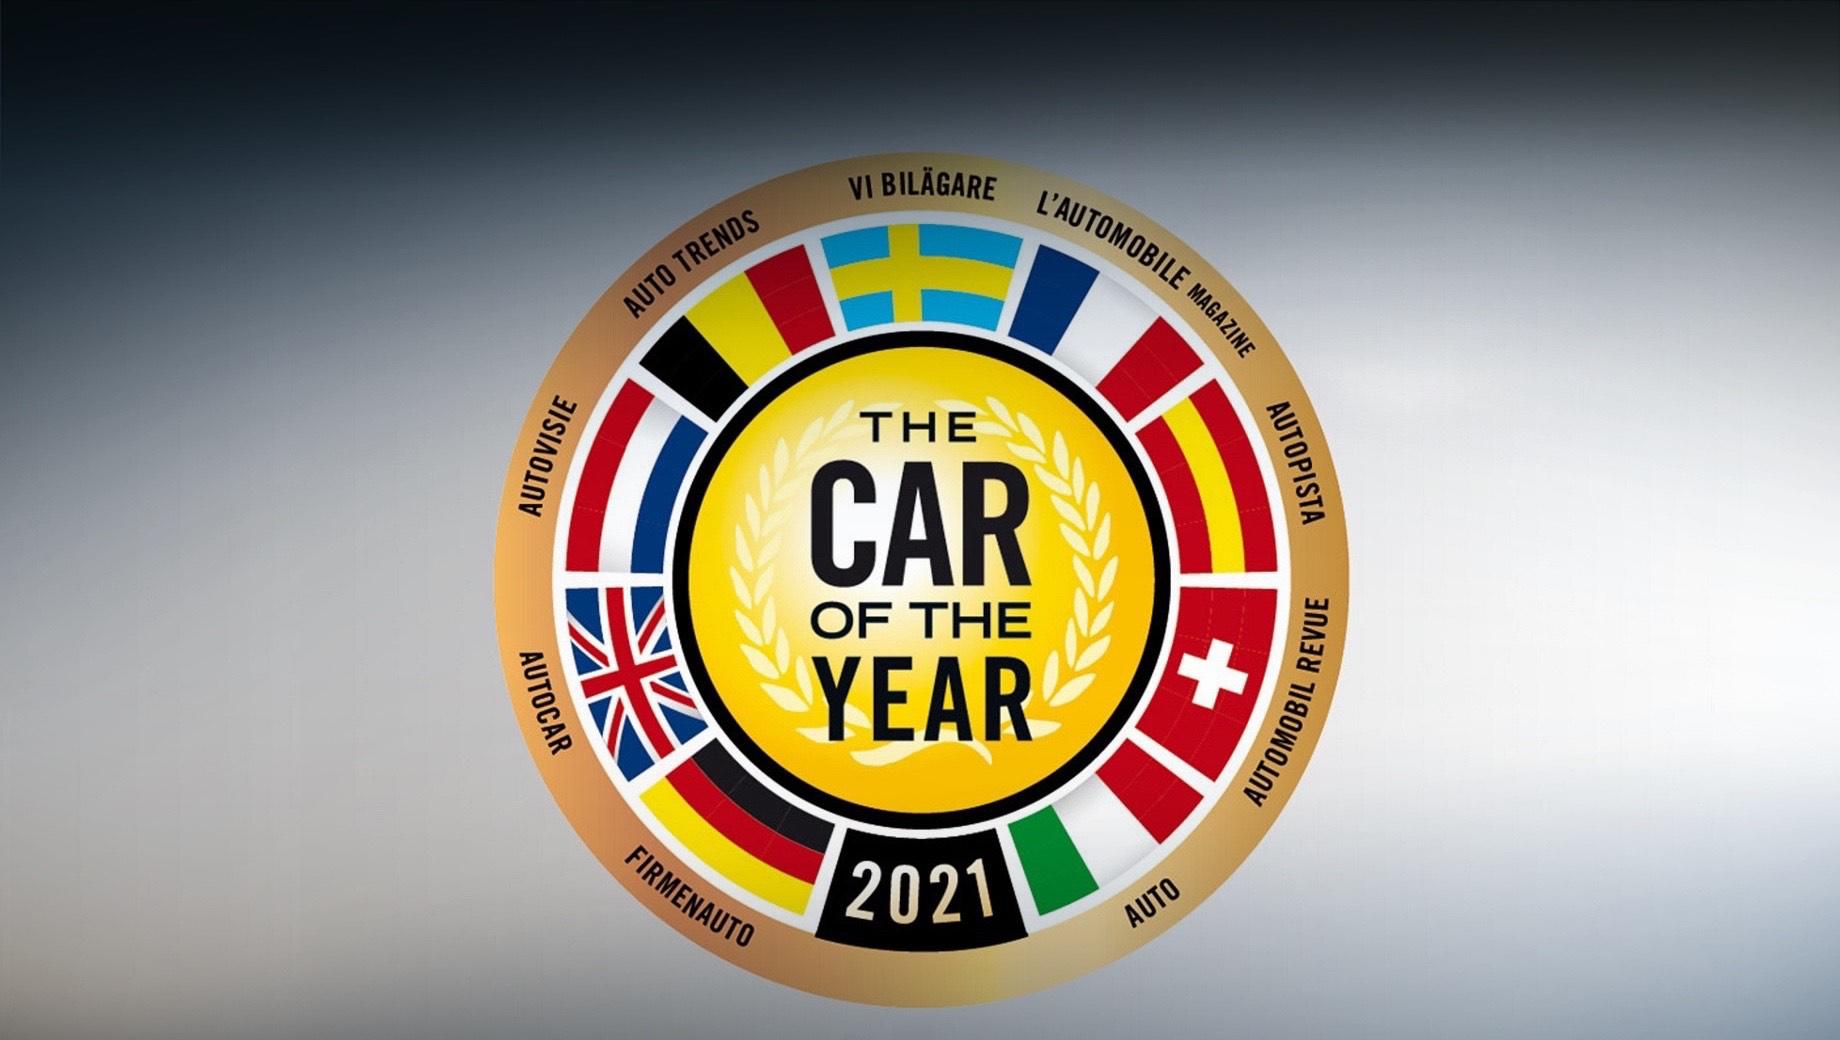 Определились претенденты на победу в конкурсе COTY 2021